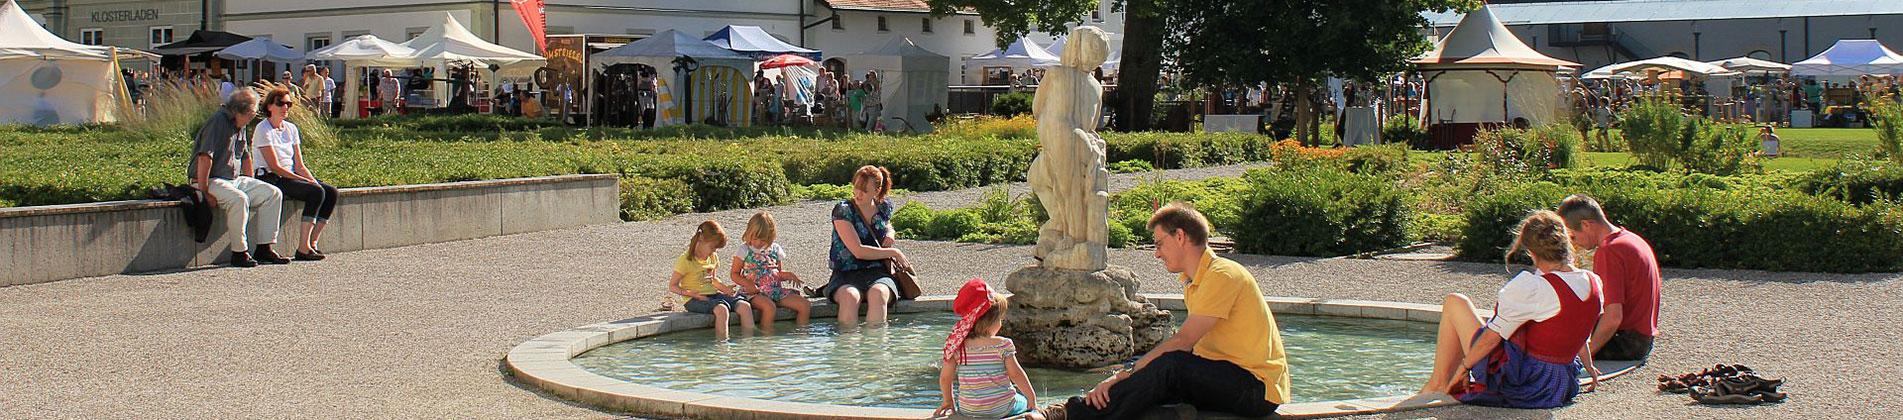 Brunnen am Kloster Fürstenfeld